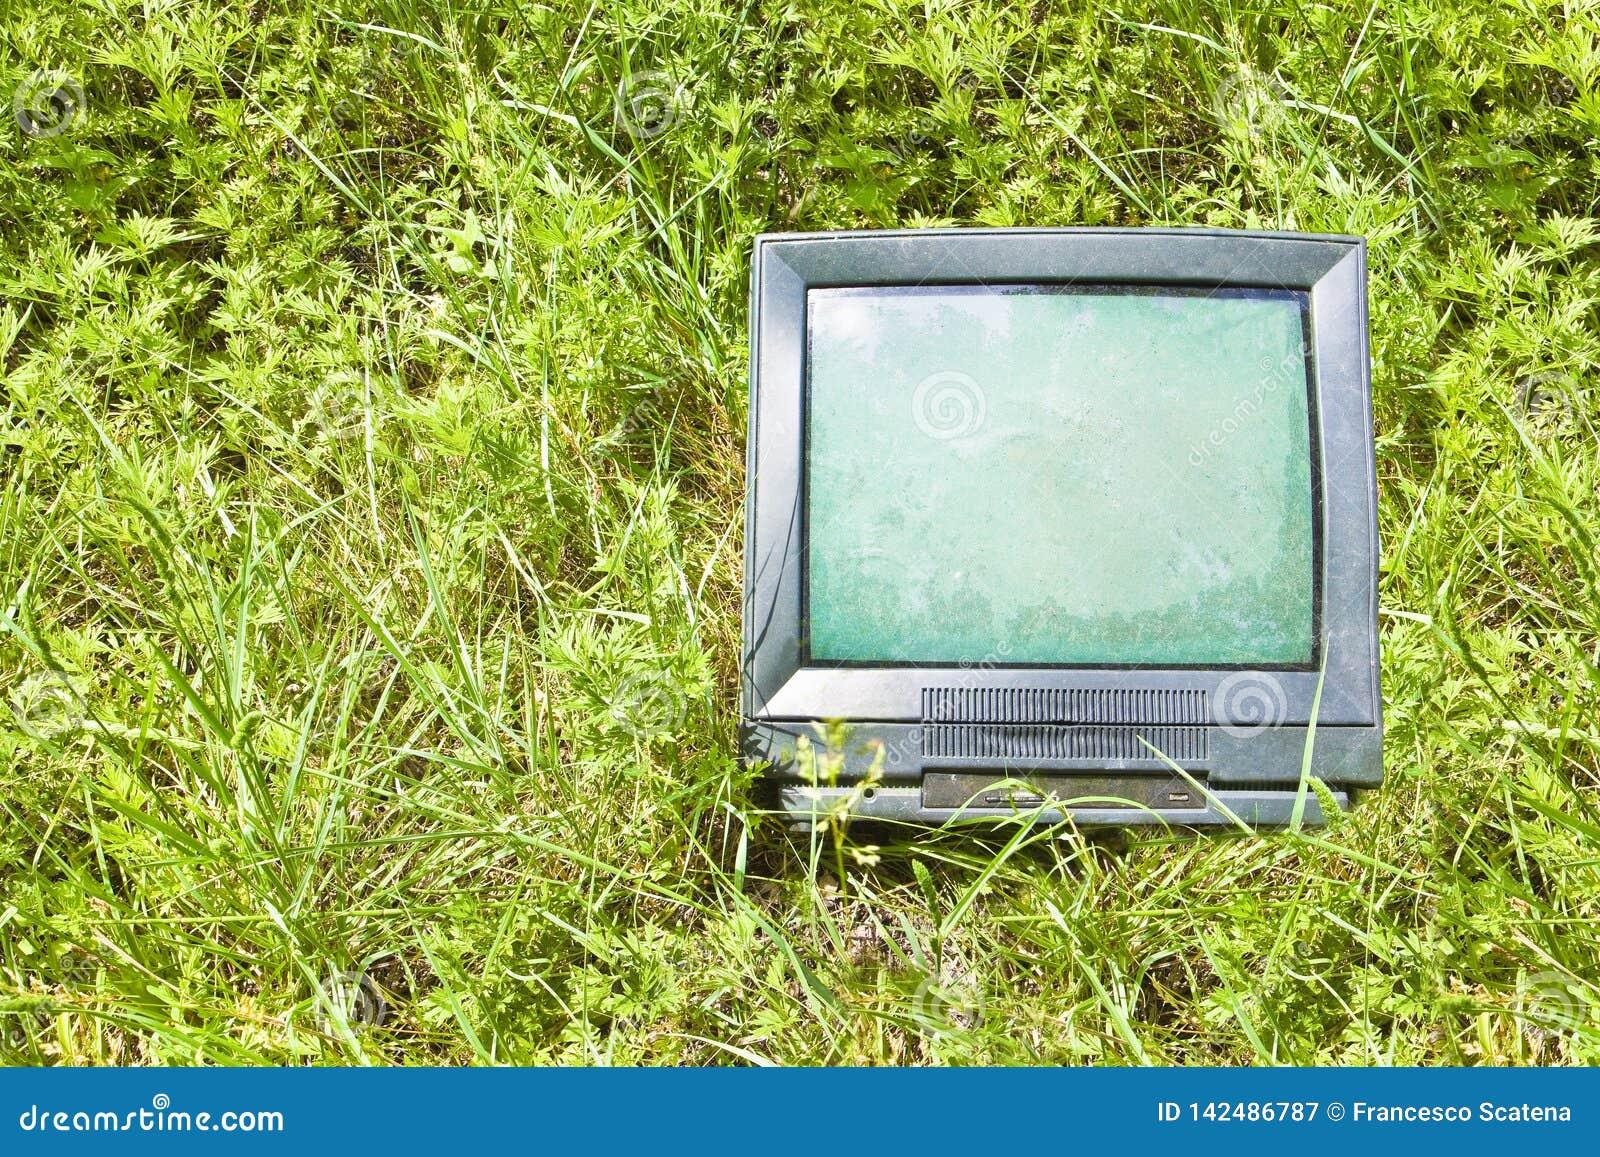 Gammalt rör för stråle för televisionCRT-katod som överges i naturen - begreppsbild med kopieringsutrymme